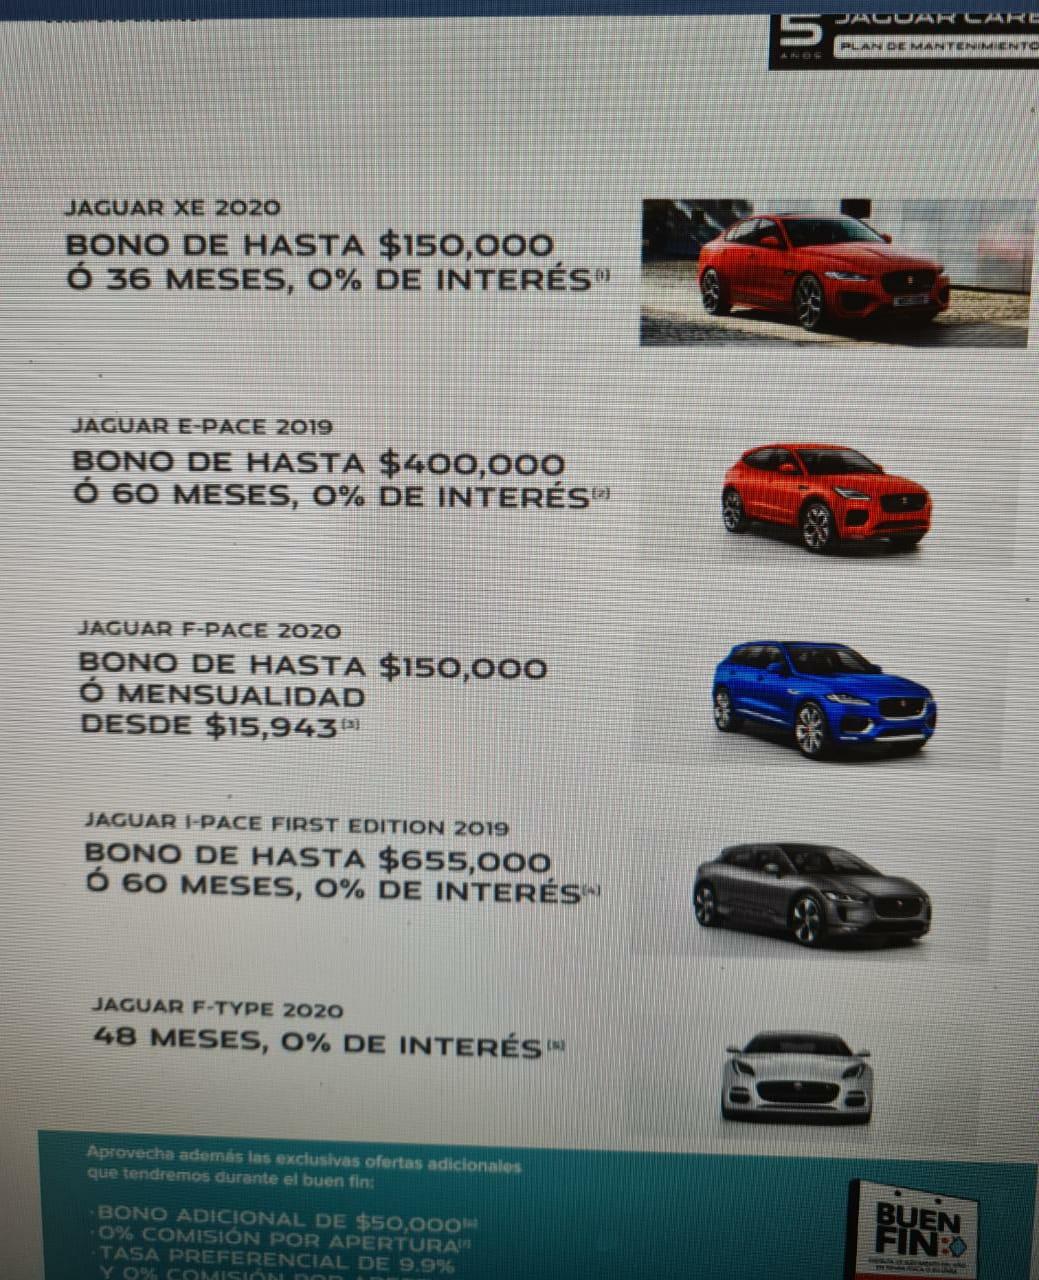 Buen Fin 2020 Jaguar: Bono de $150,000, MSI, 0% de interés y más